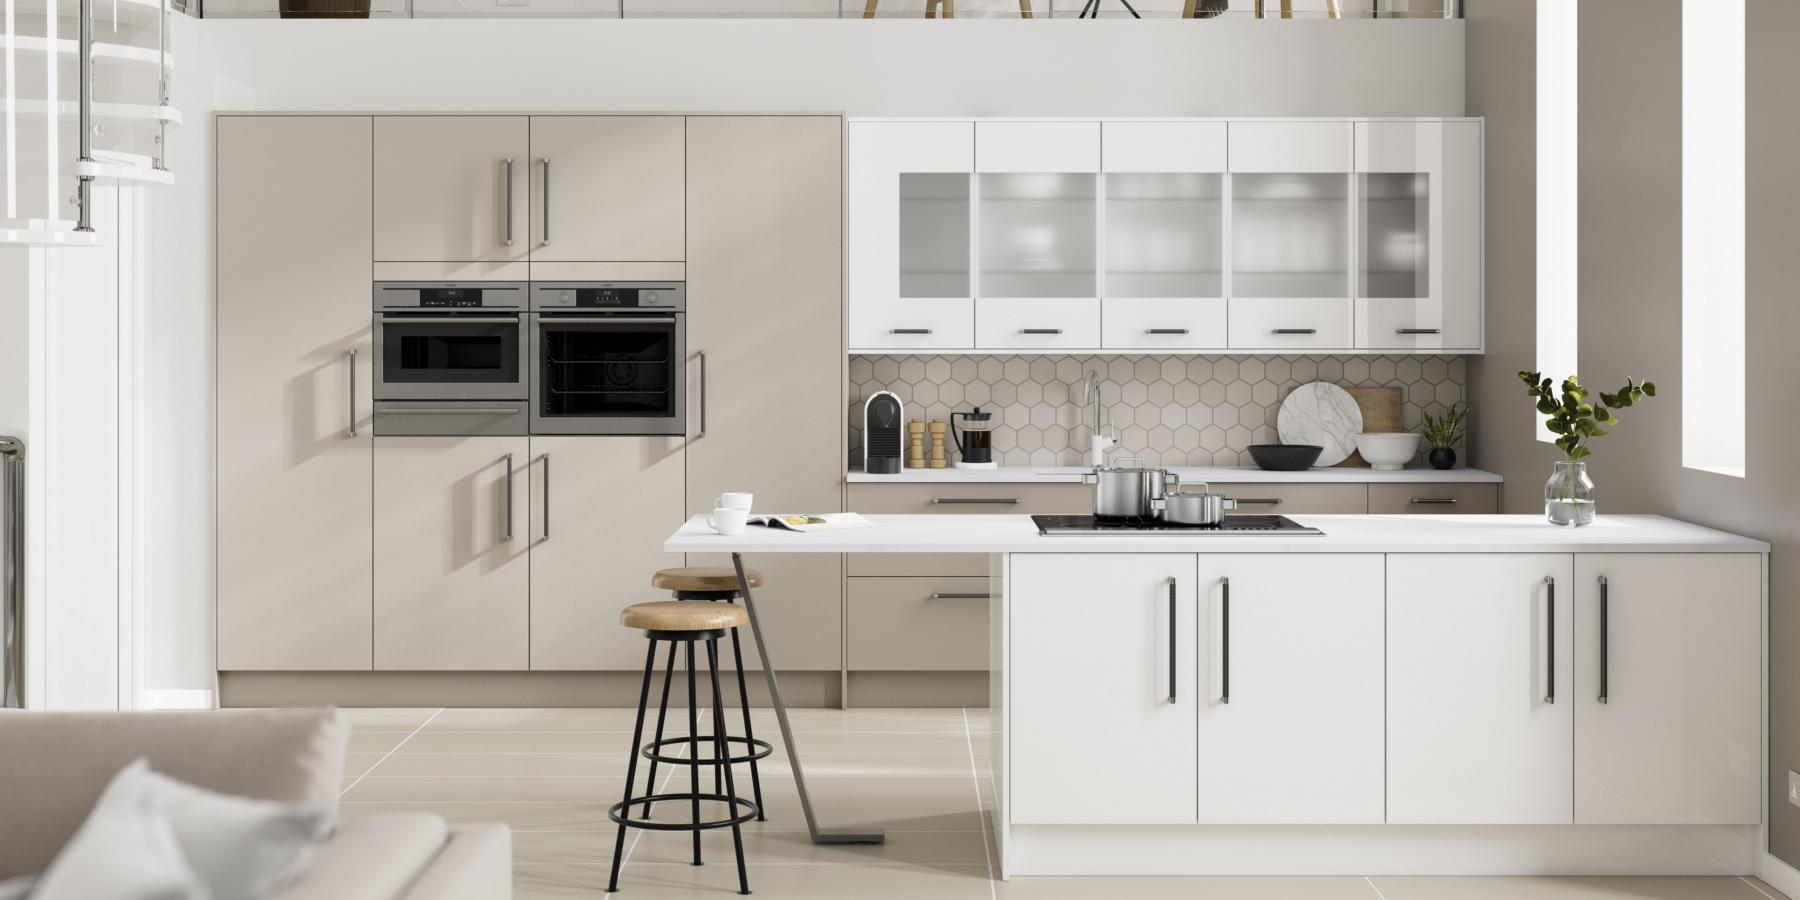 kitchens alta gallery koncept milano symphony group uk. Black Bedroom Furniture Sets. Home Design Ideas